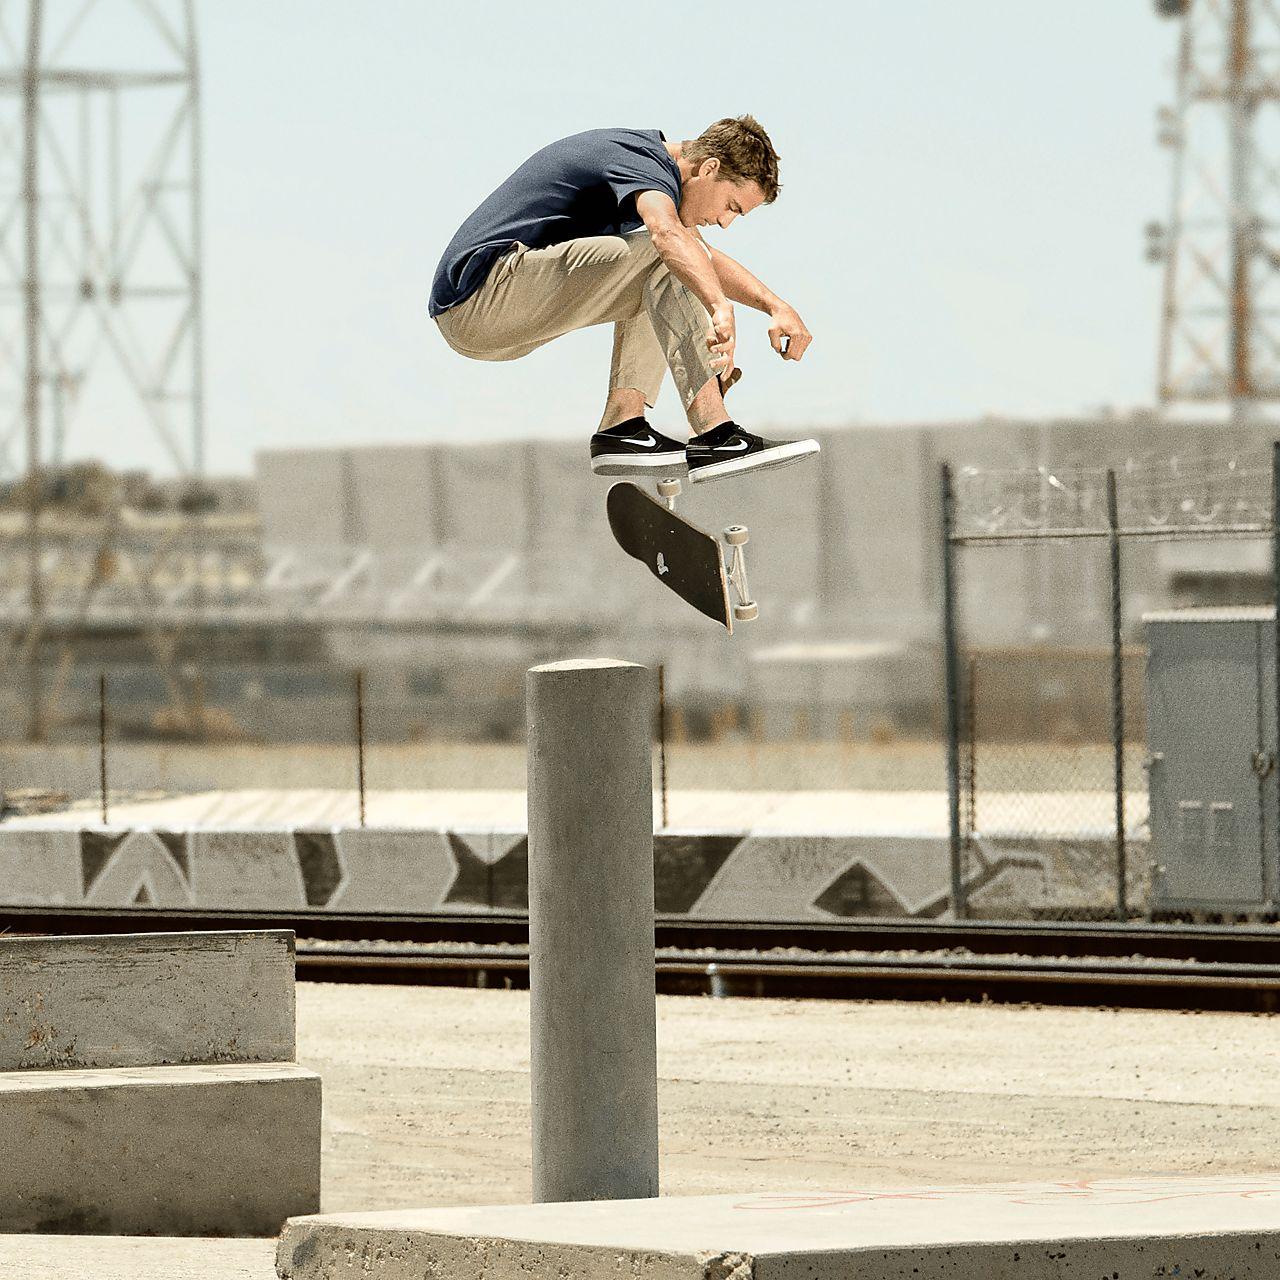 Nike SB Zoom Stefan Janoski OG Herren Skateboardschuh